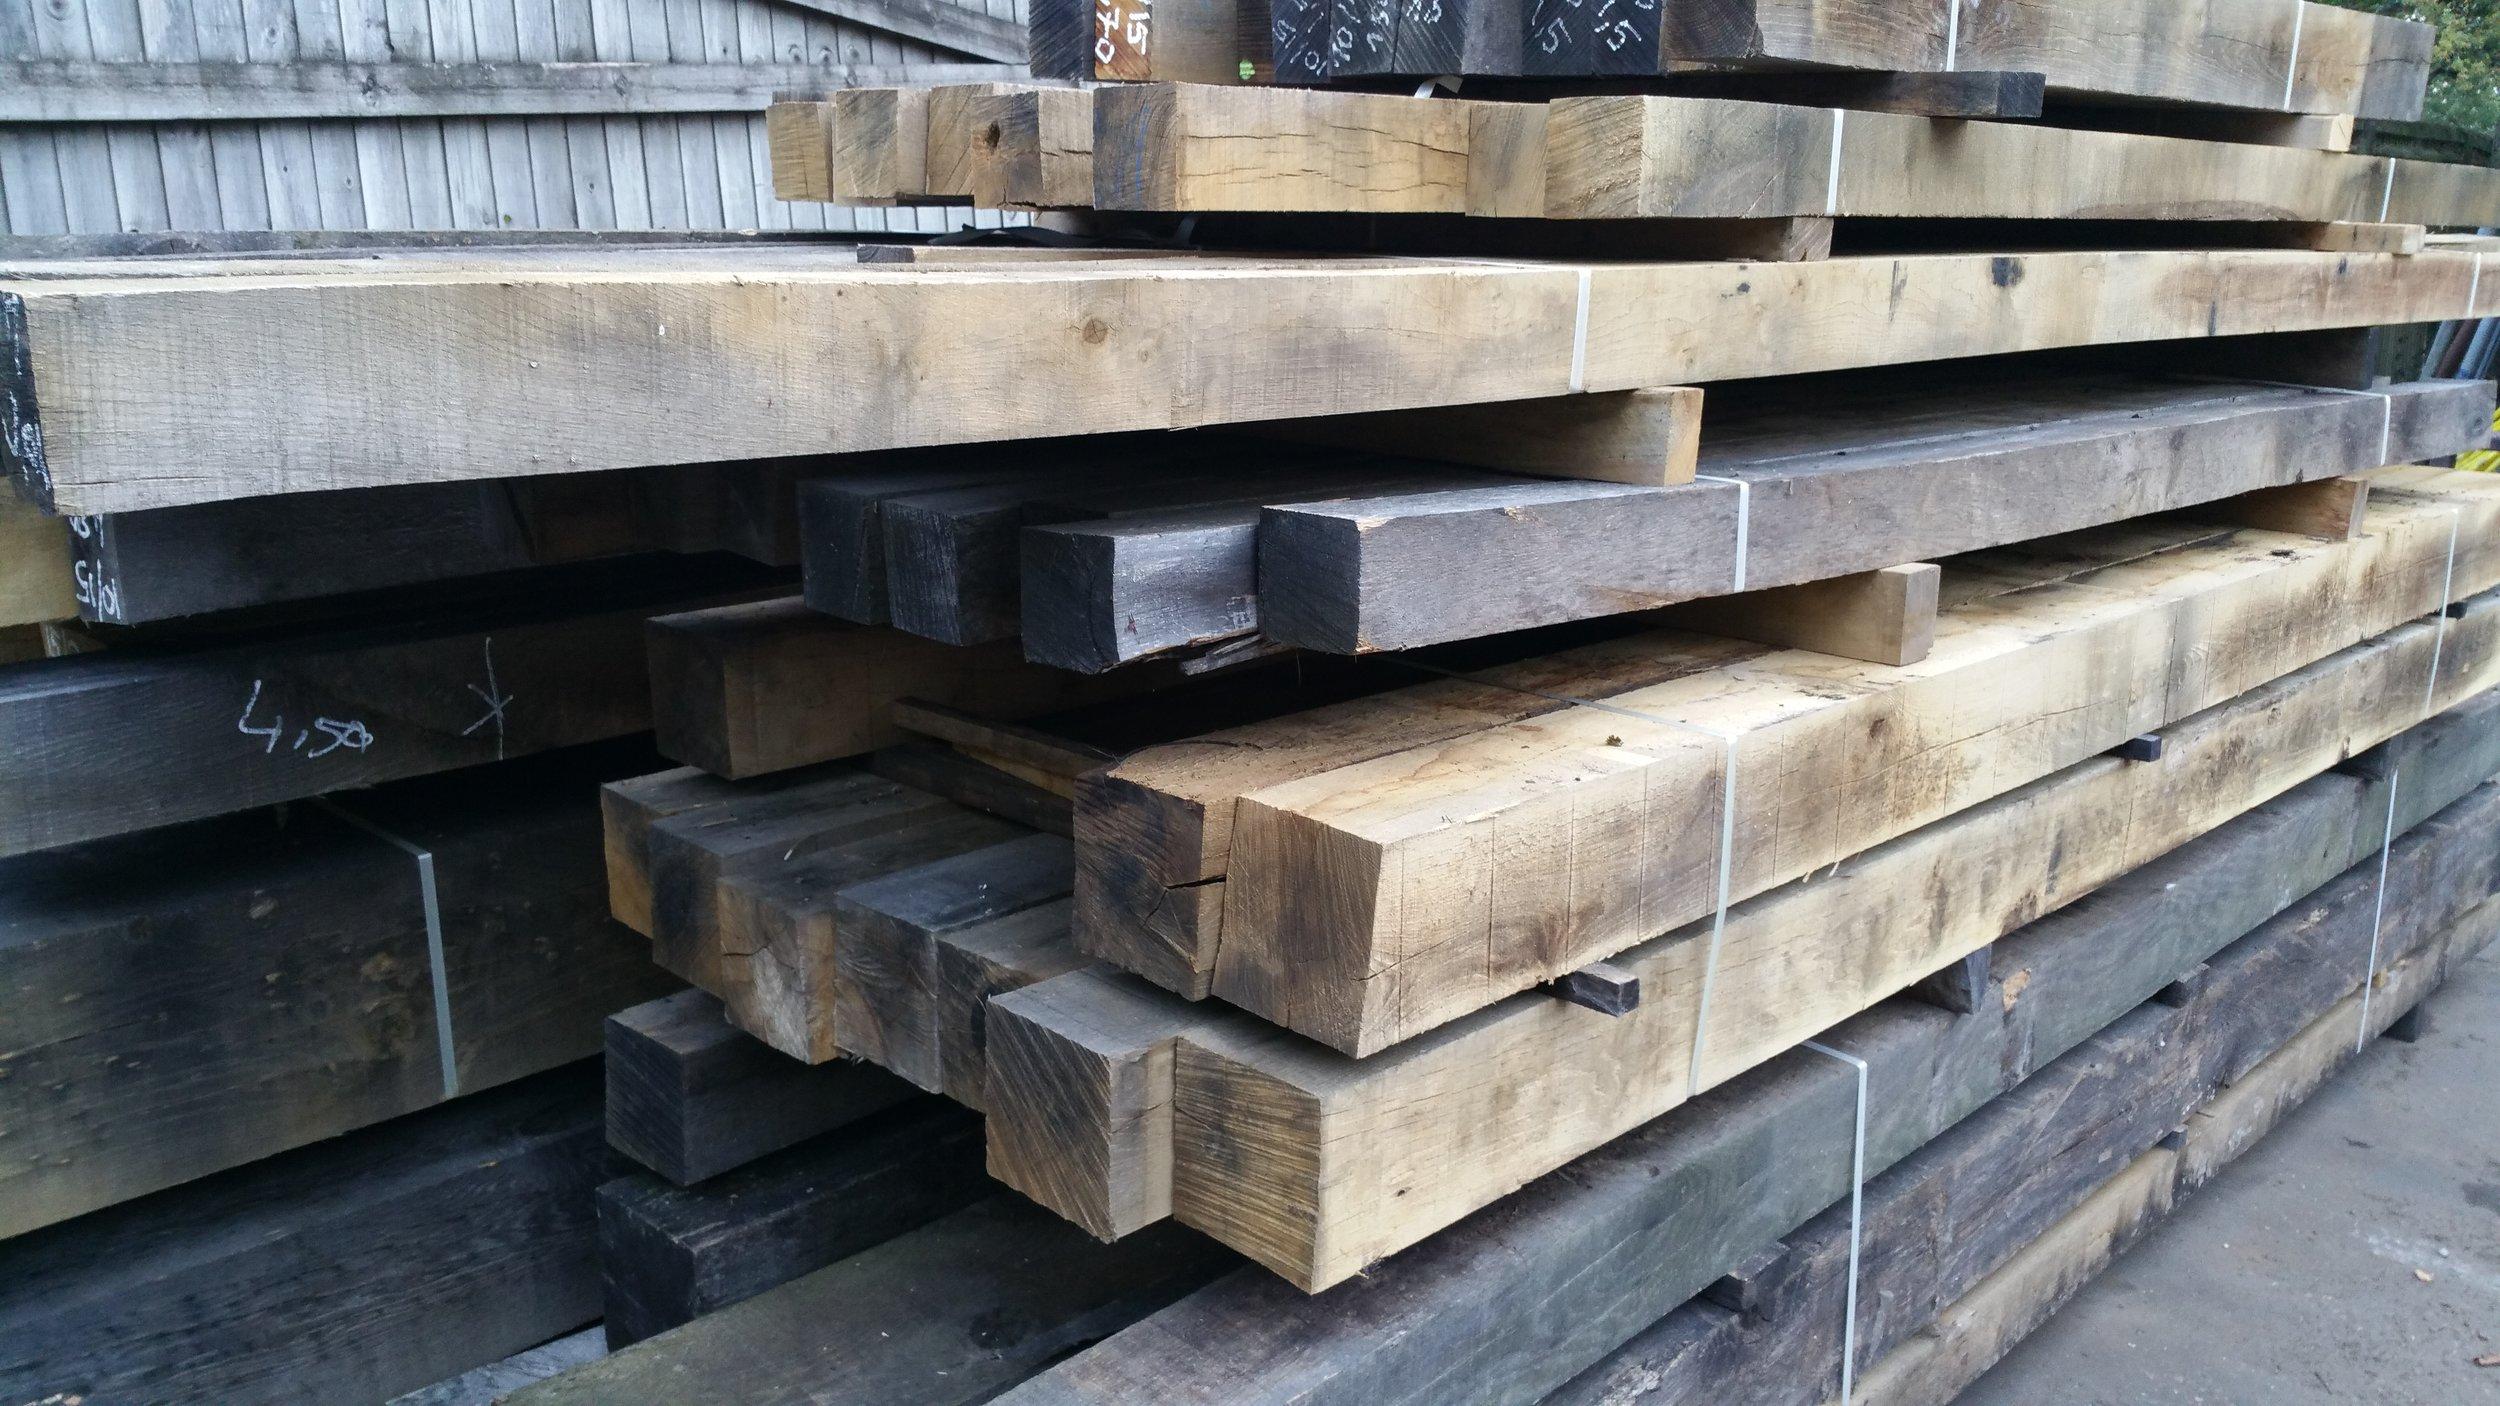 Air dried oak beams in varying sizes